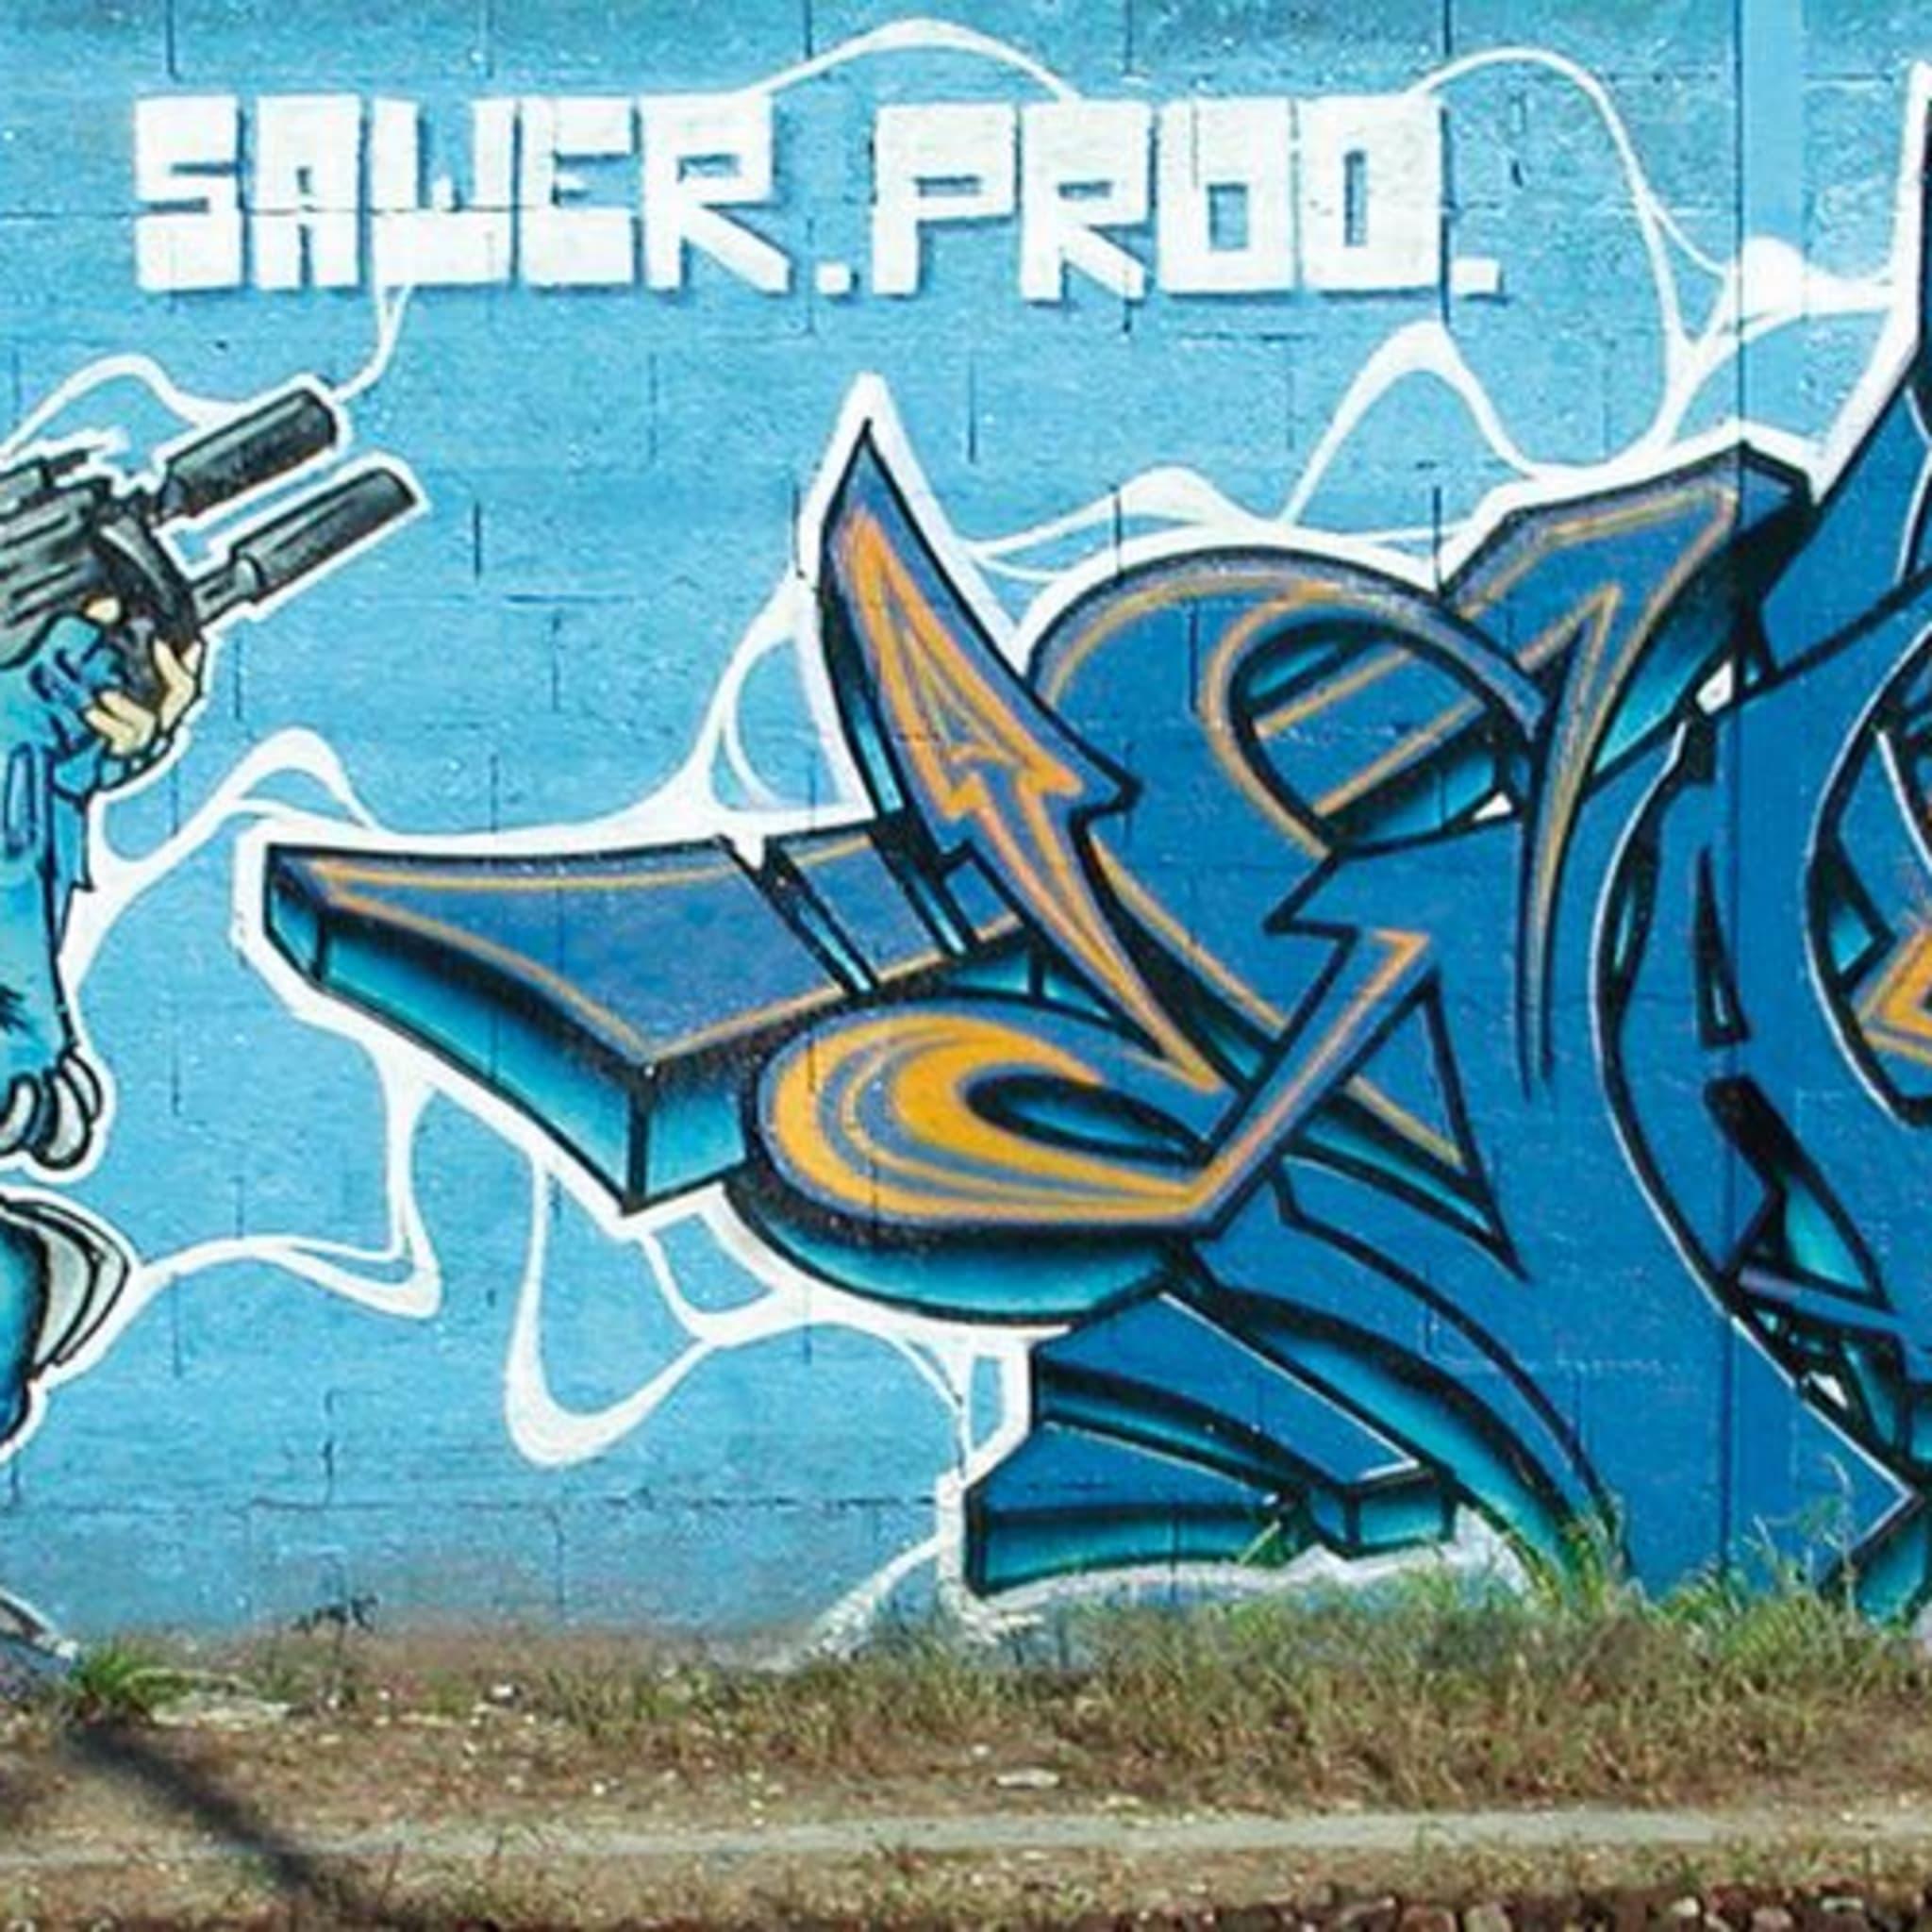 Sawer